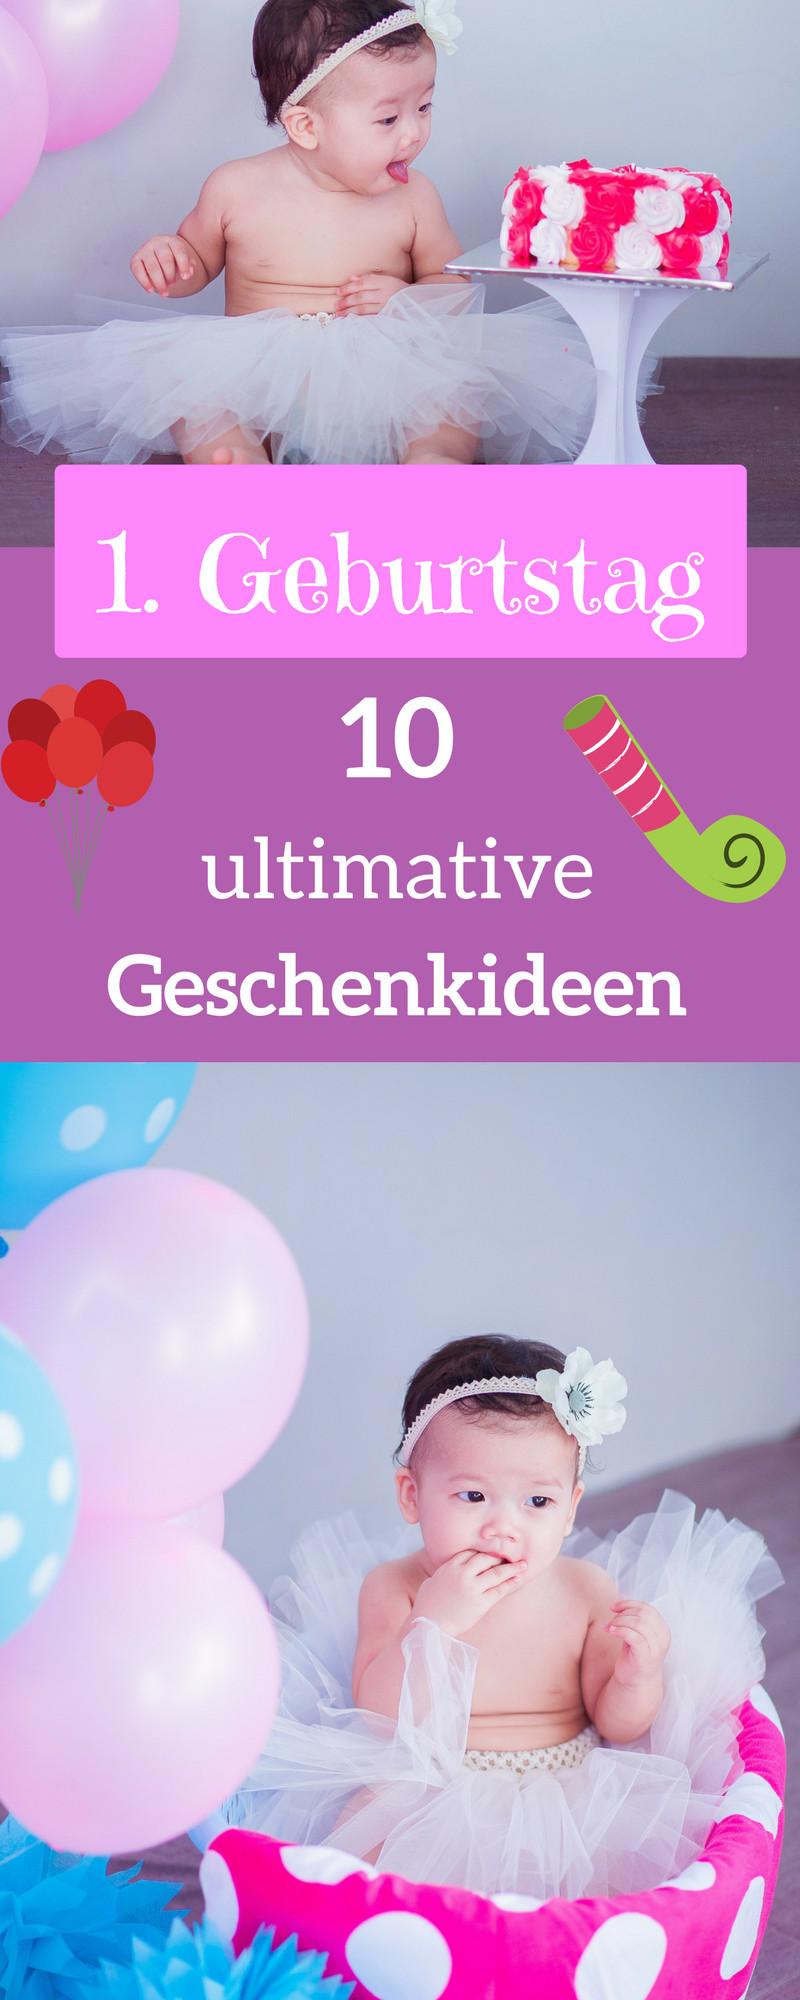 Geschenke Zum 1 Geburtstag Mädchen  Geschenke zum ersten Geburtstag für Mädchen und Jungen